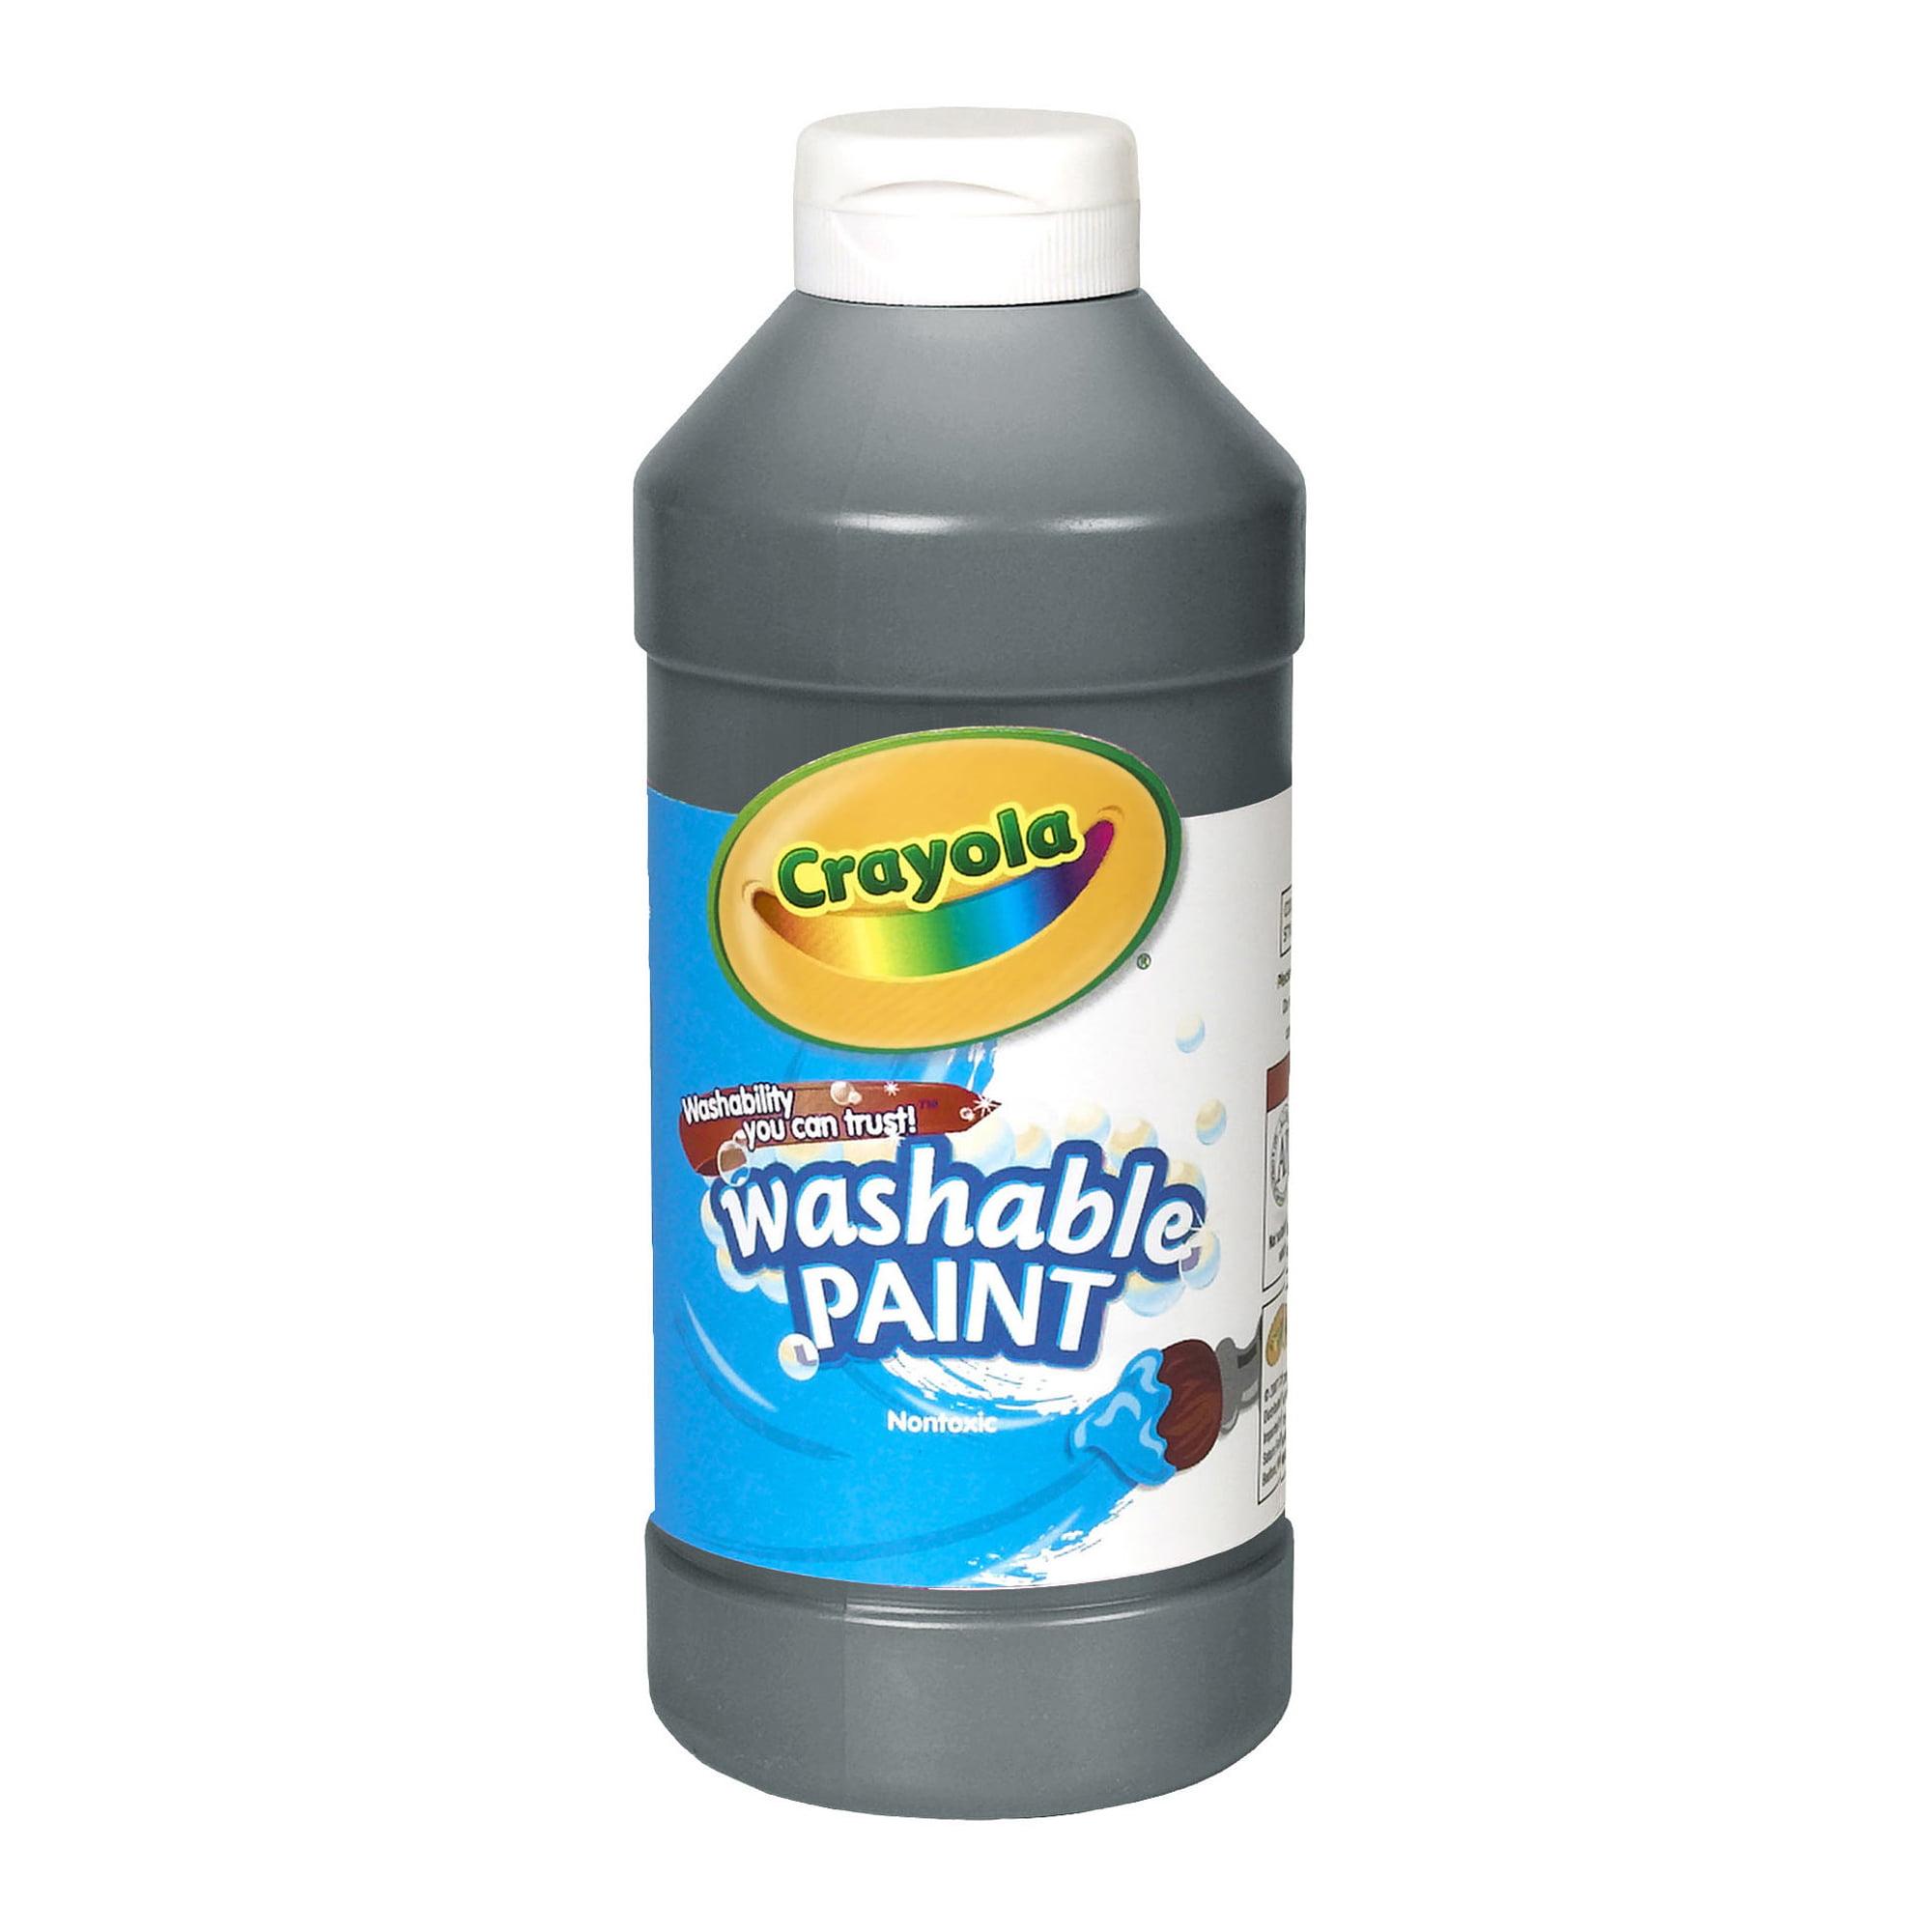 Crayola® Washable Paint, Black, 16 oz., Set of 6 bottles